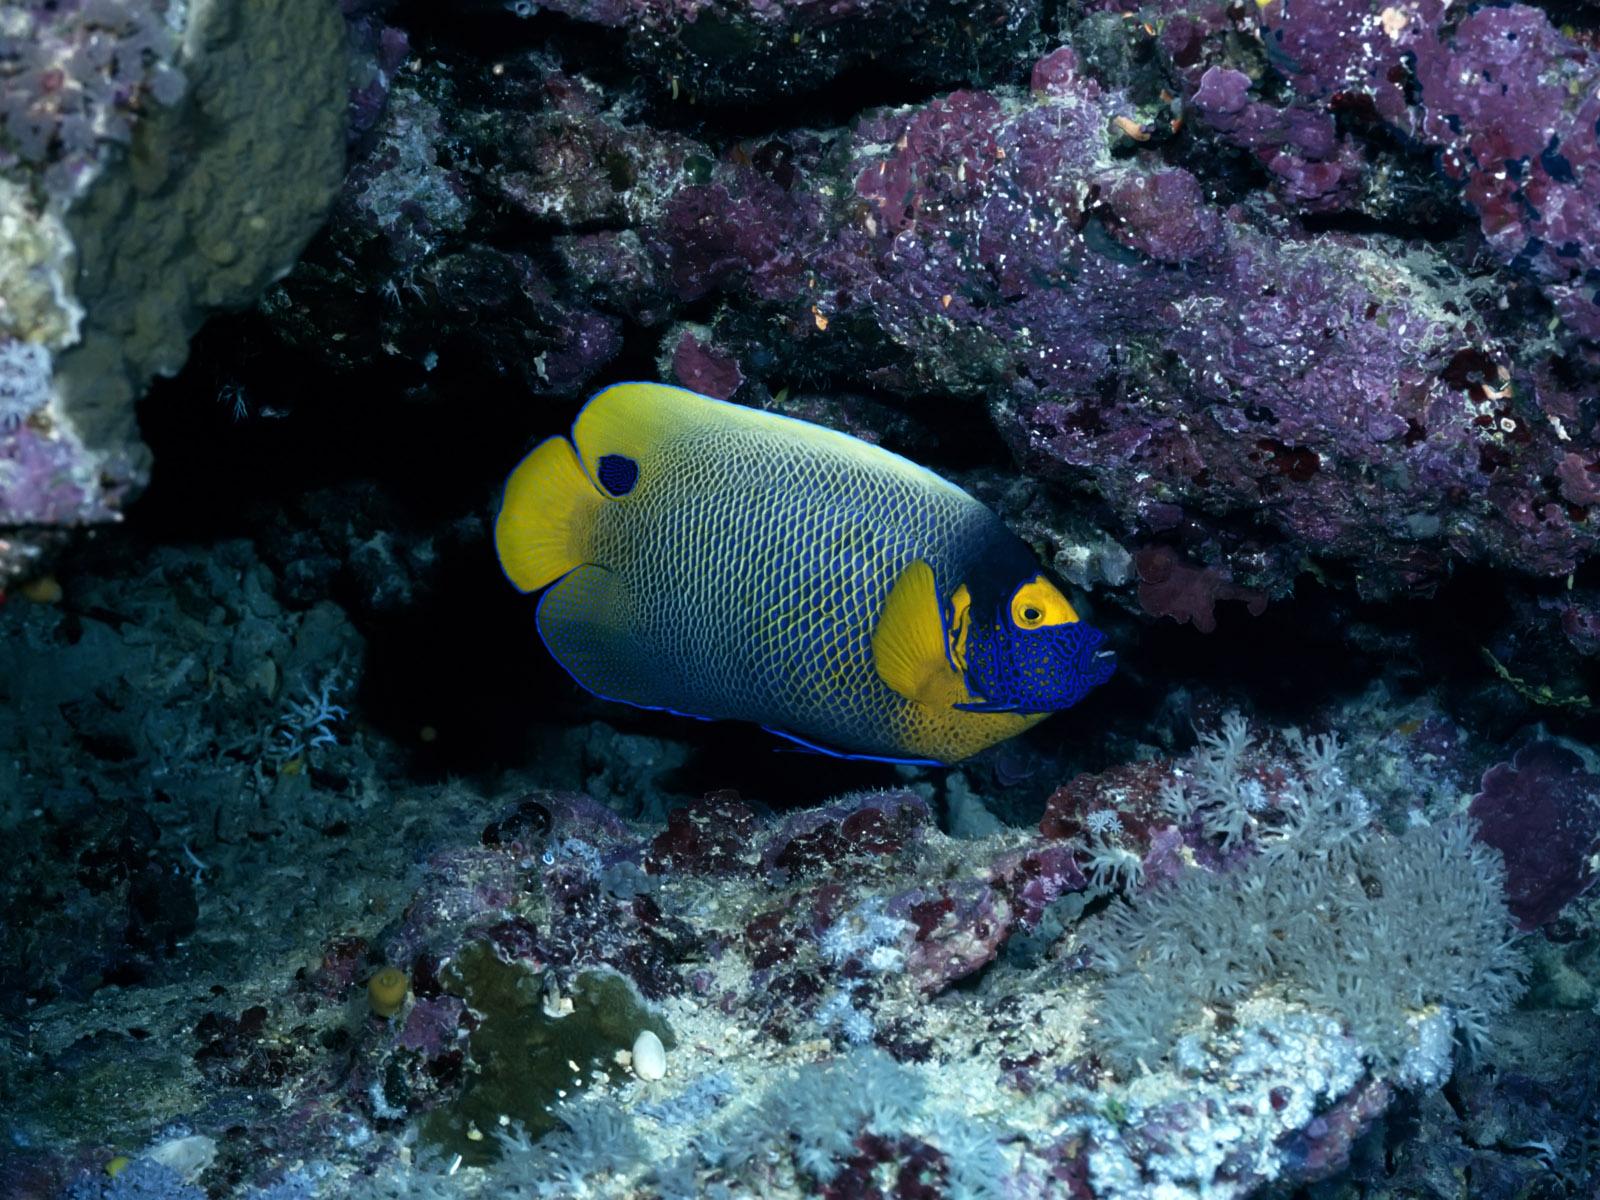 http://2.bp.blogspot.com/-u5PKCYgvbDg/Tb0paaP_QuI/AAAAAAAACFk/yh-shm1GBgs/s1600/Underwater+Wallpaper+%252845%2529.jpg